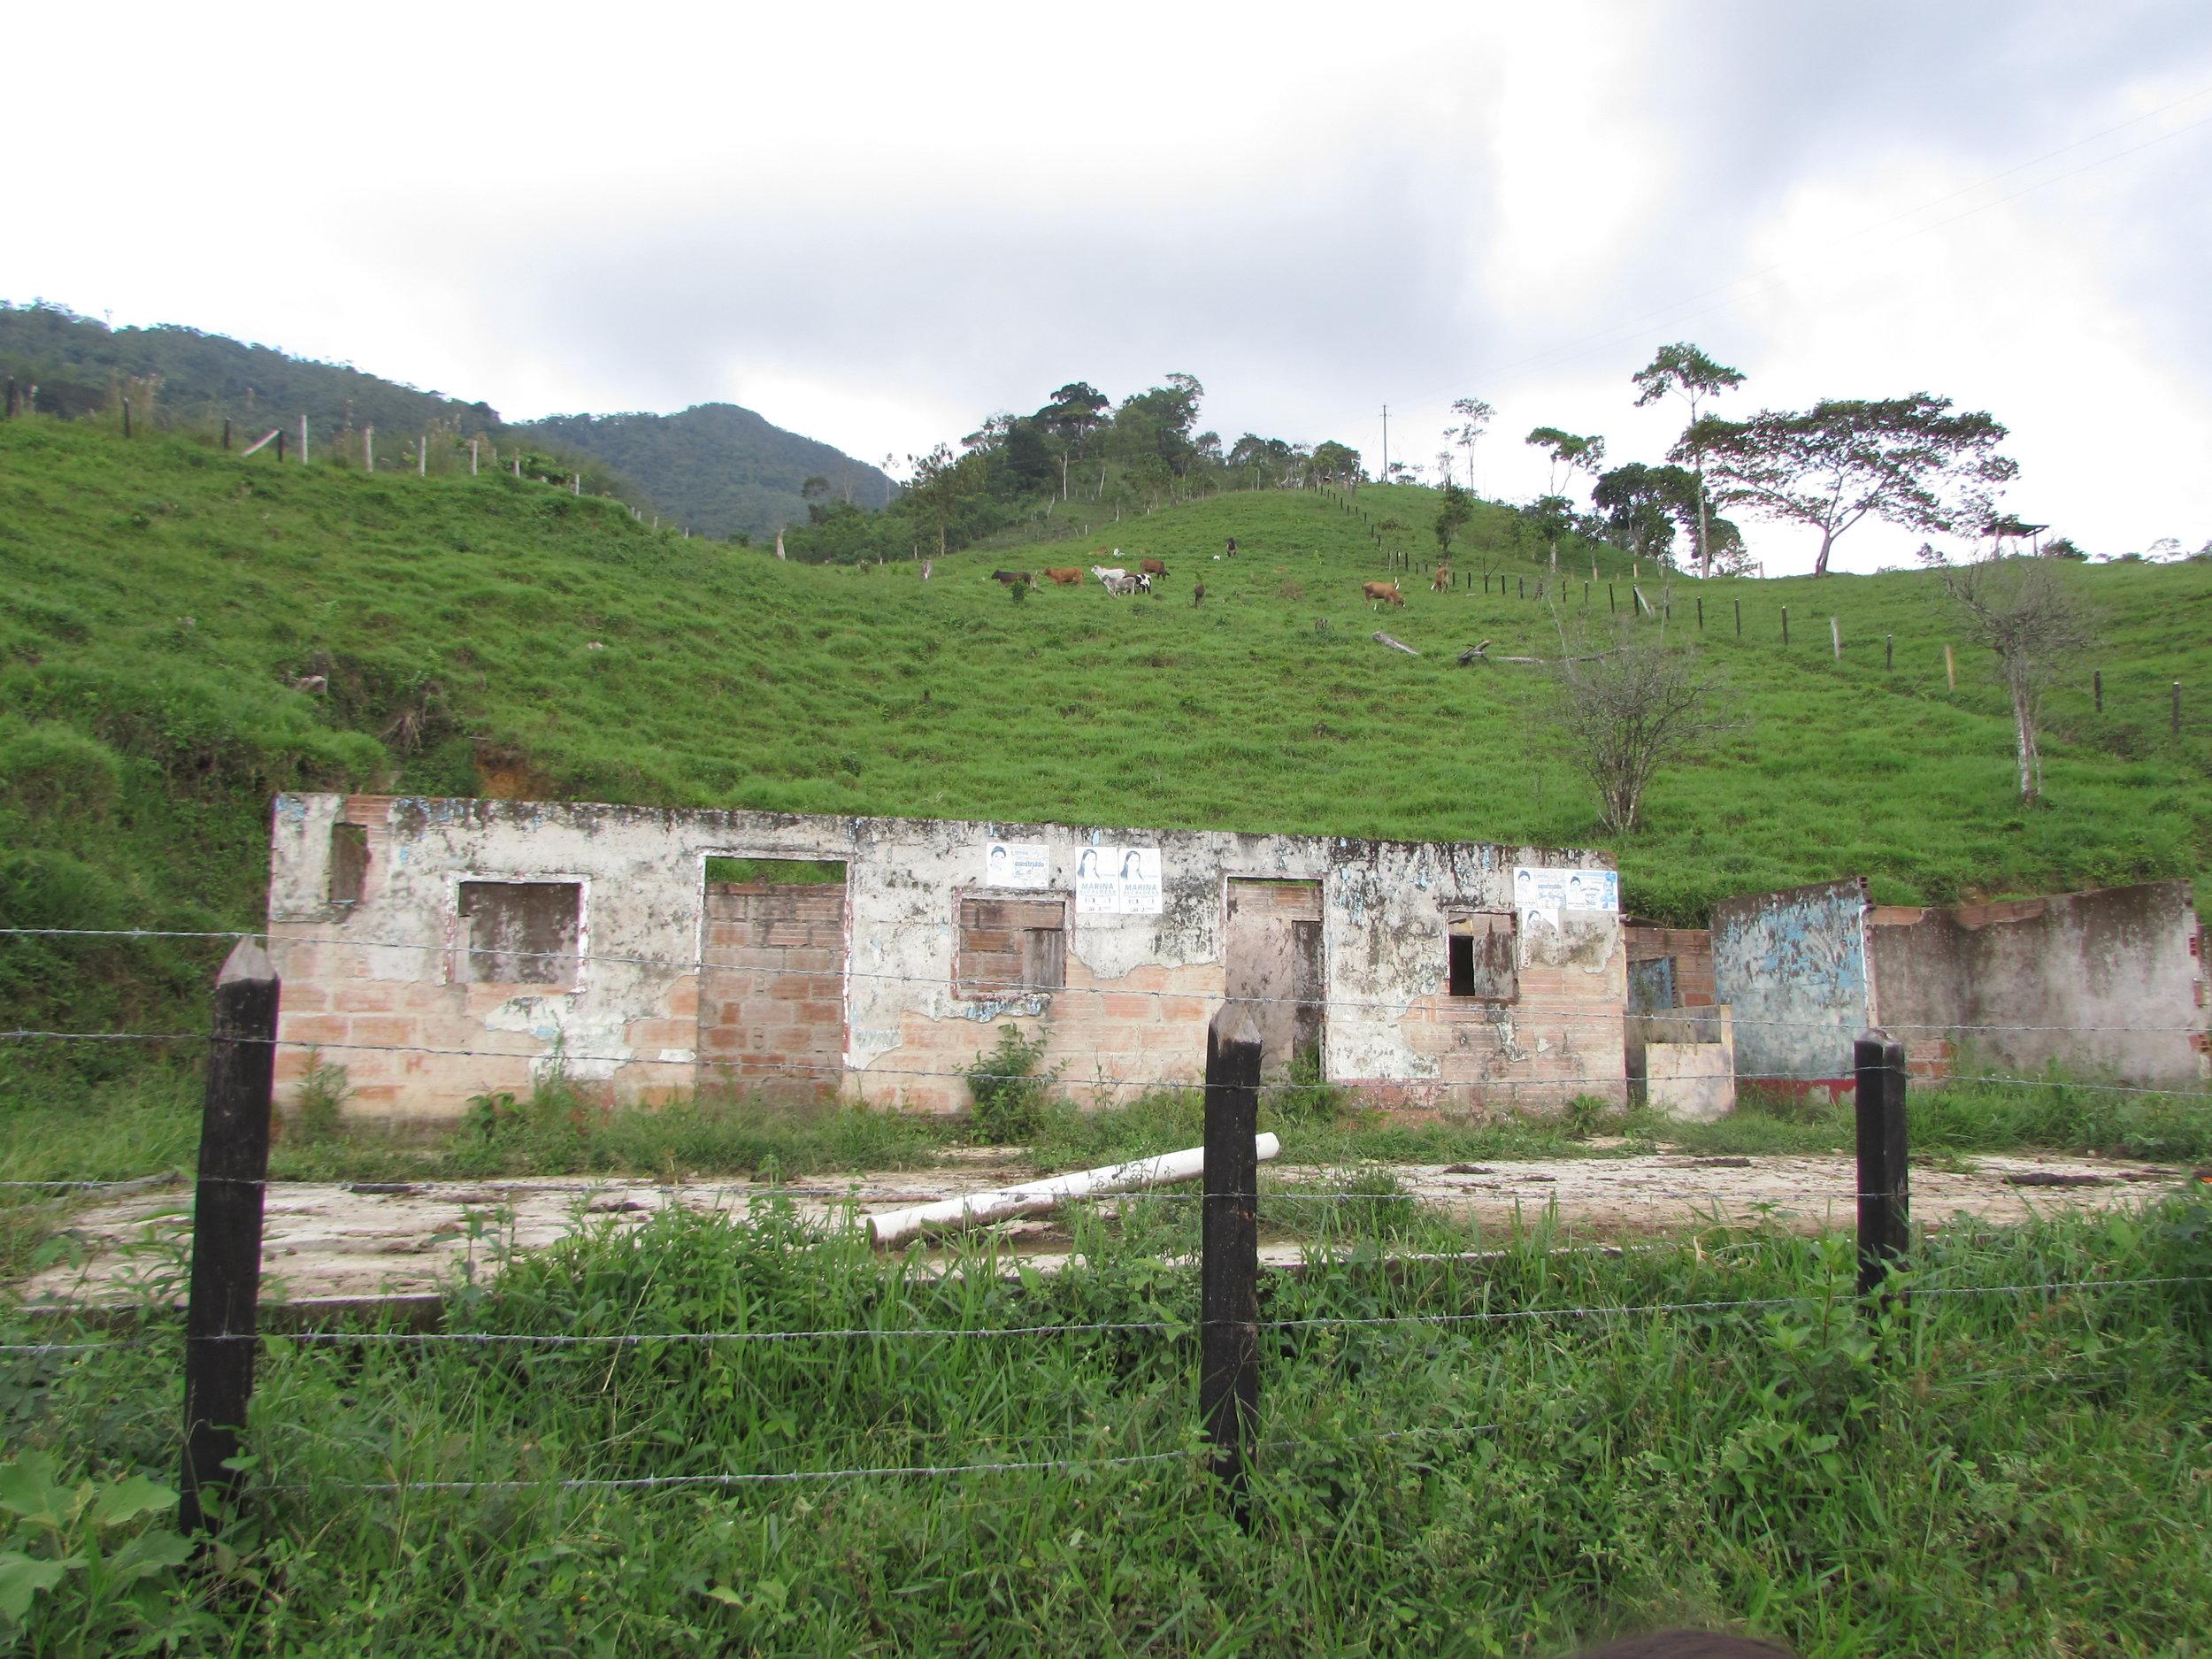 Leftover homes